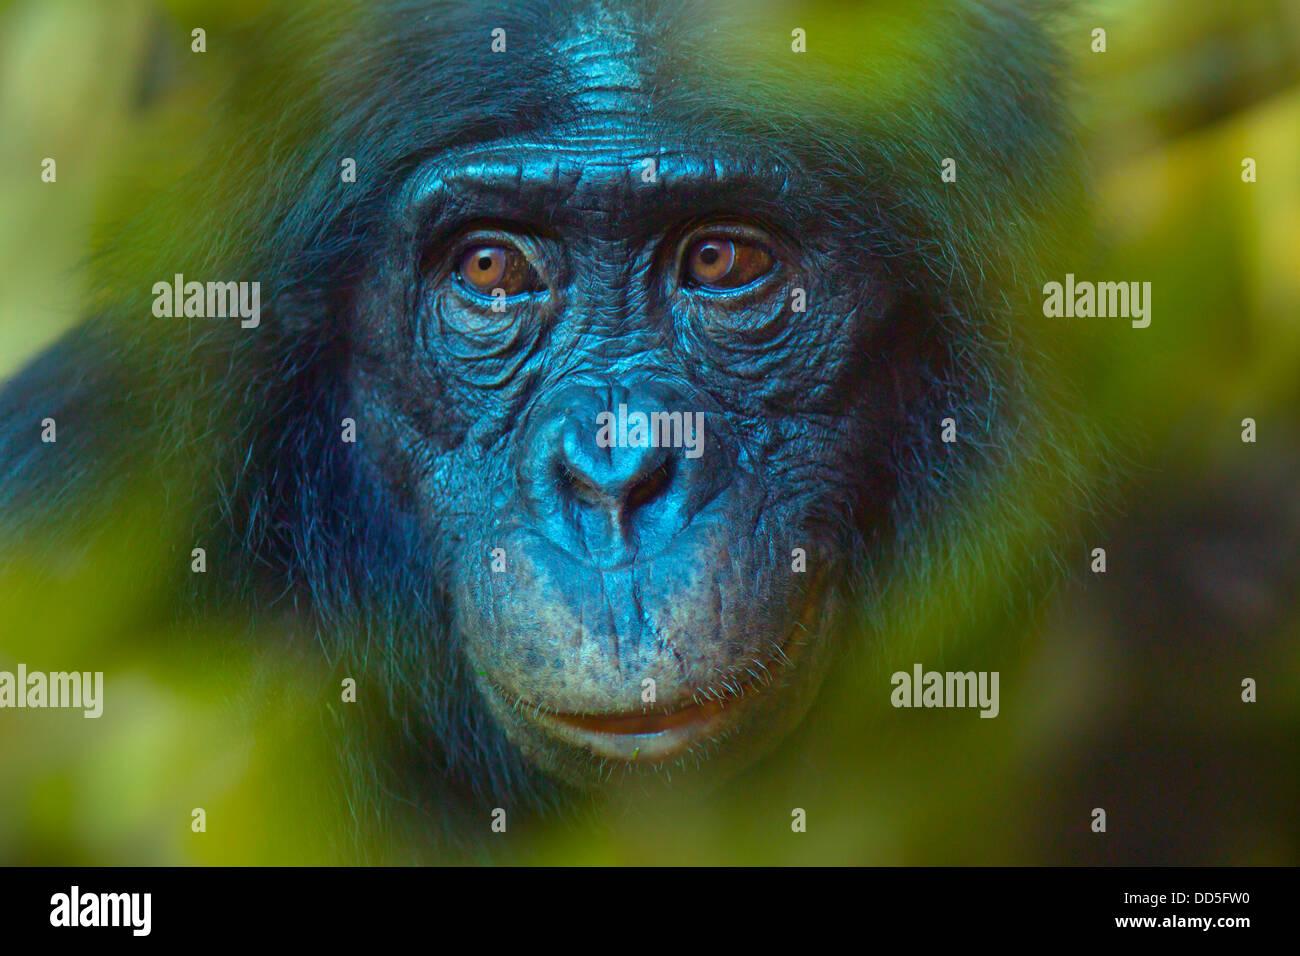 Bonobo or Dwarf Chimpanzee Pan paniscus - Stock Image